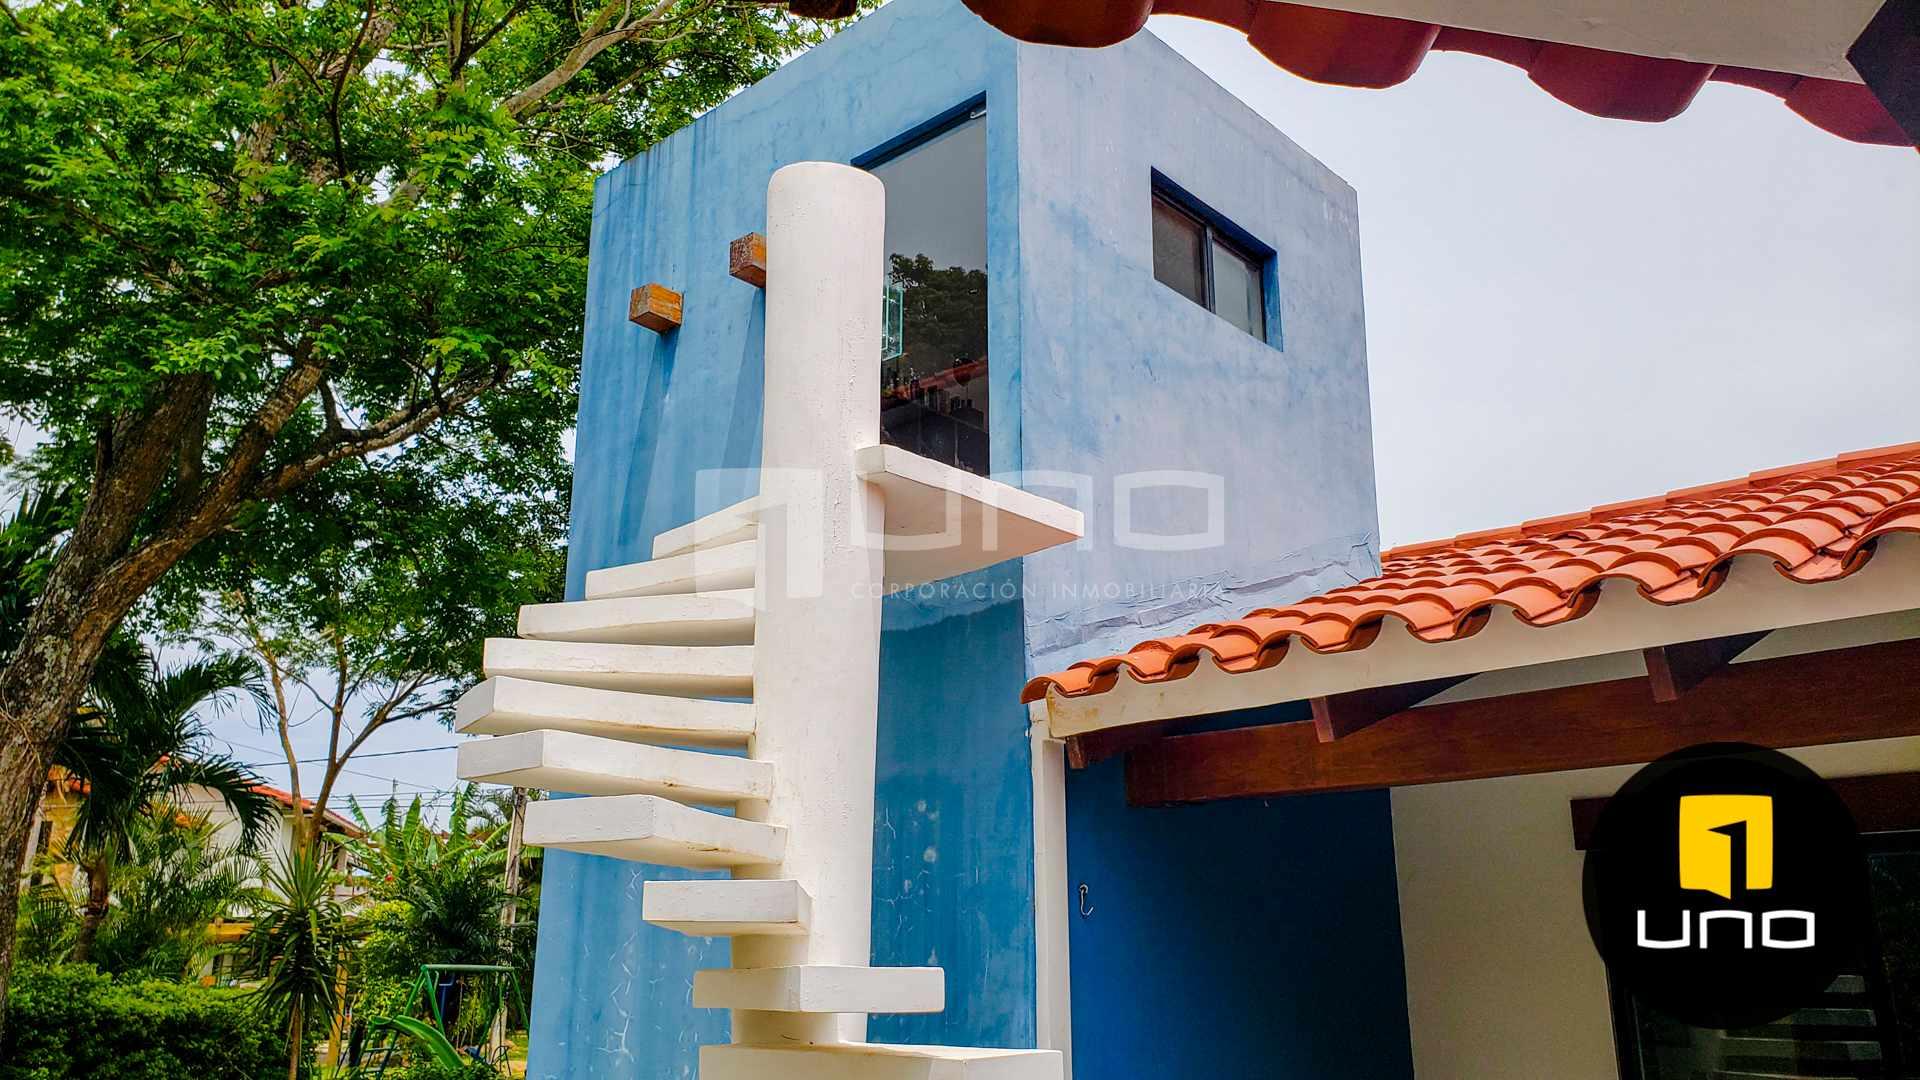 Casa en Venta LOS PARQUES DEL URUBO VENDO CASA DE UNA PLANTA Foto 6